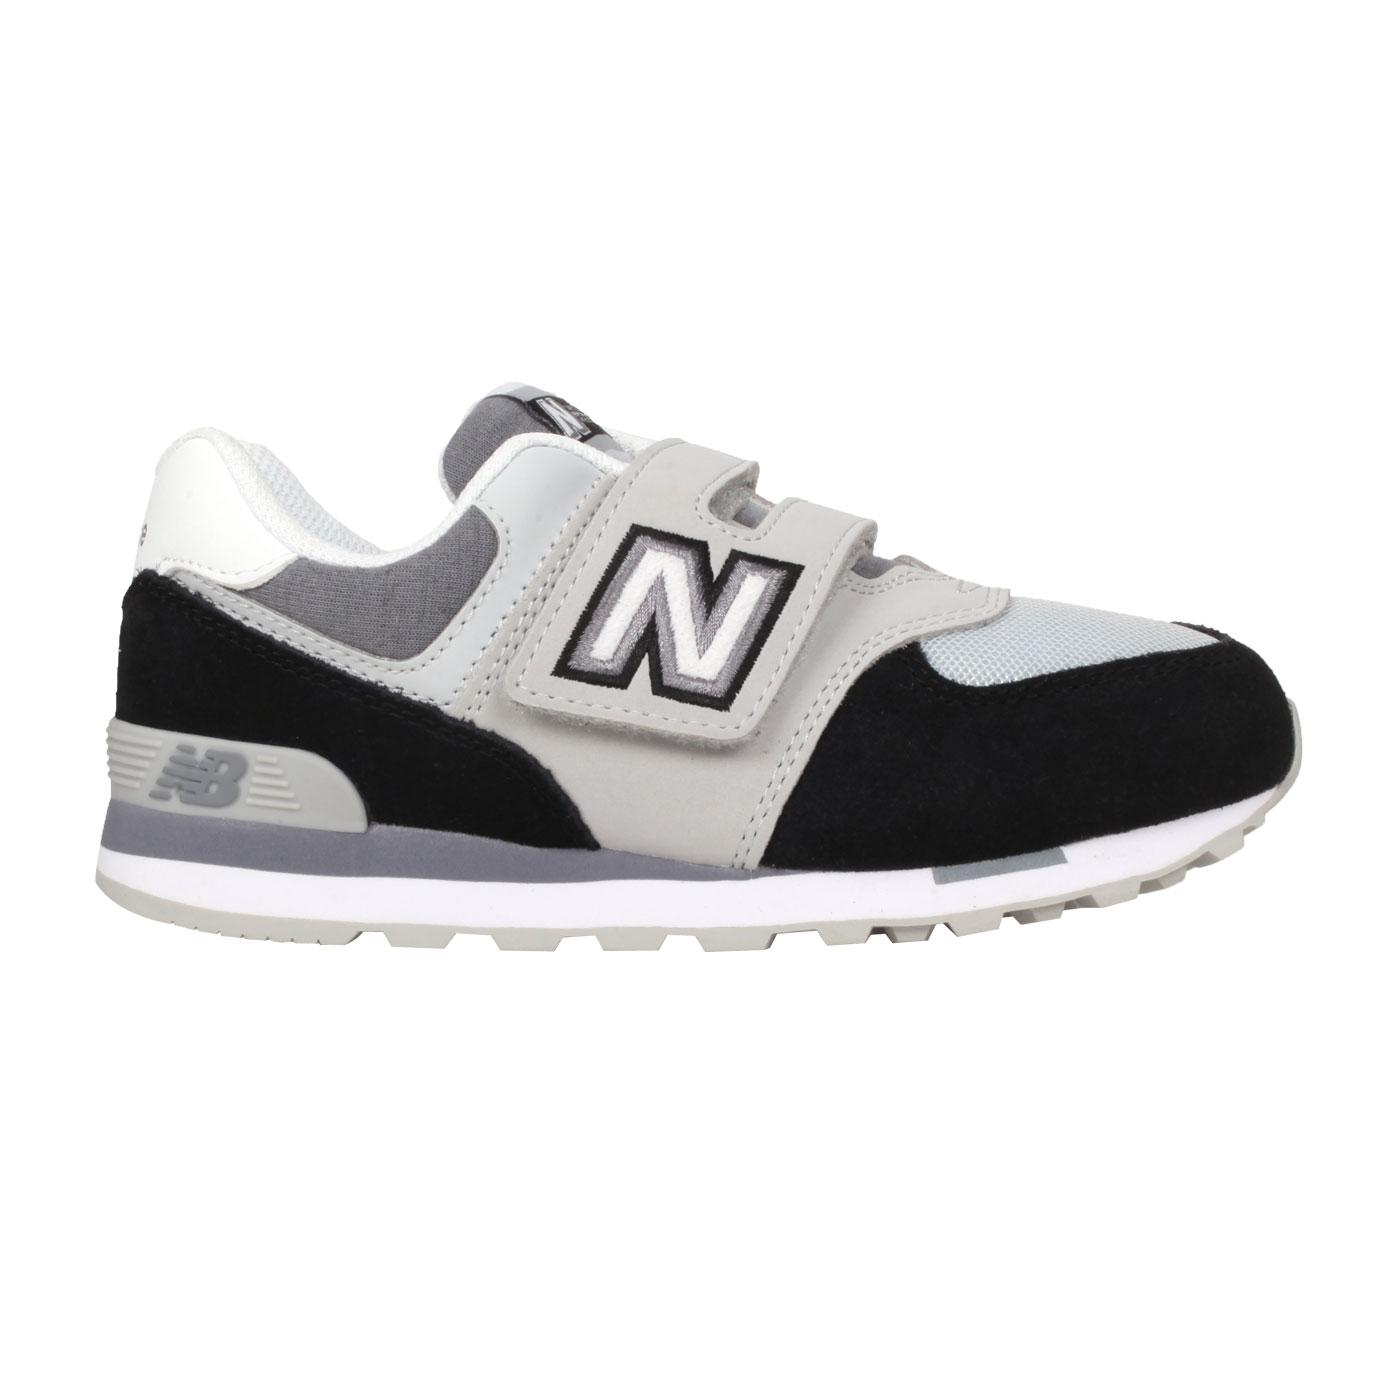 NEW BALANCE 中童運動休閒鞋-WIDE YV574NLC - 黑灰白